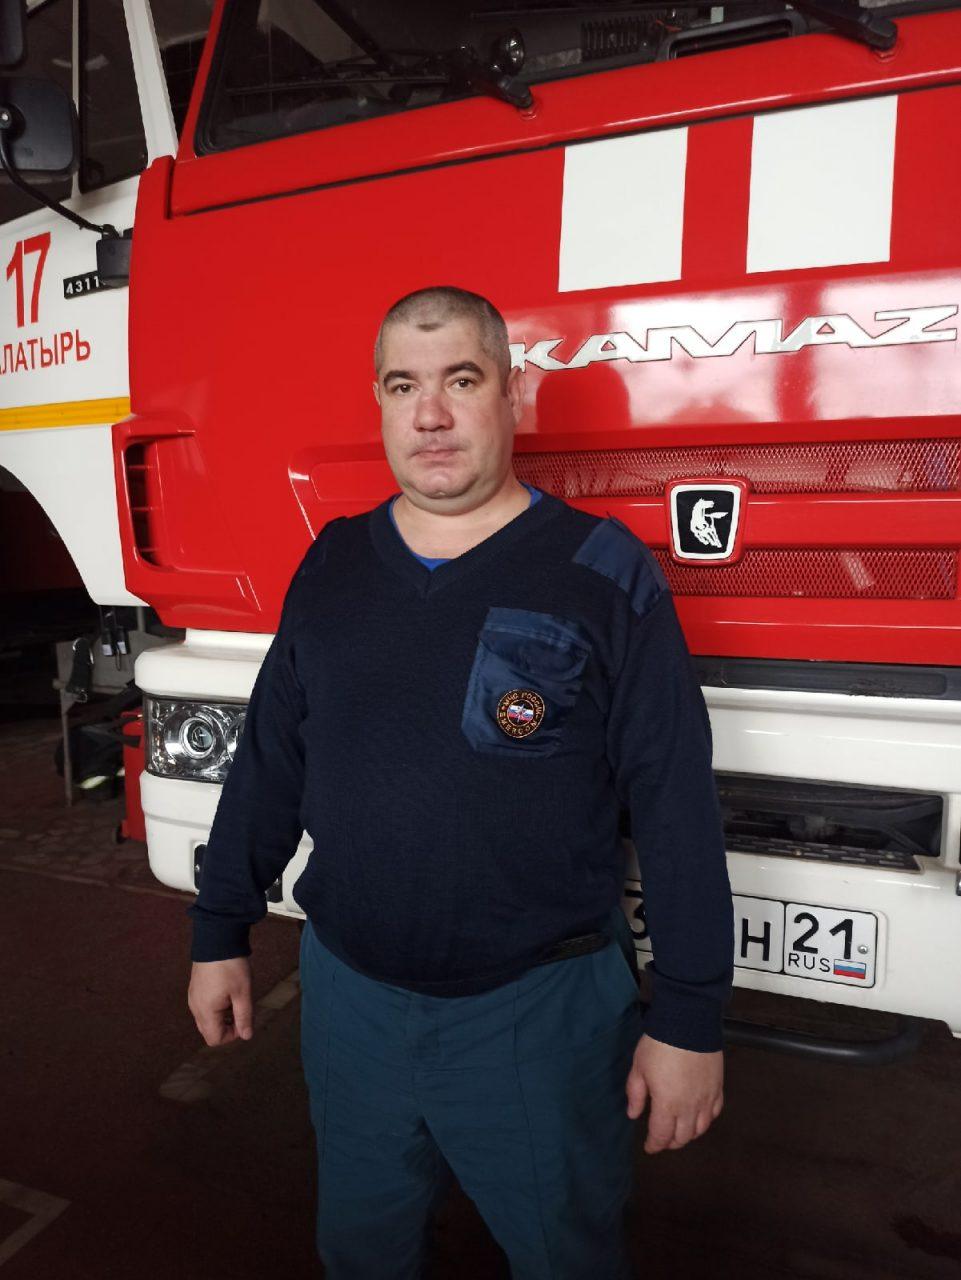 Свой профессиональный праздник отмечают сотрудники 17 пожарно-спасательной части